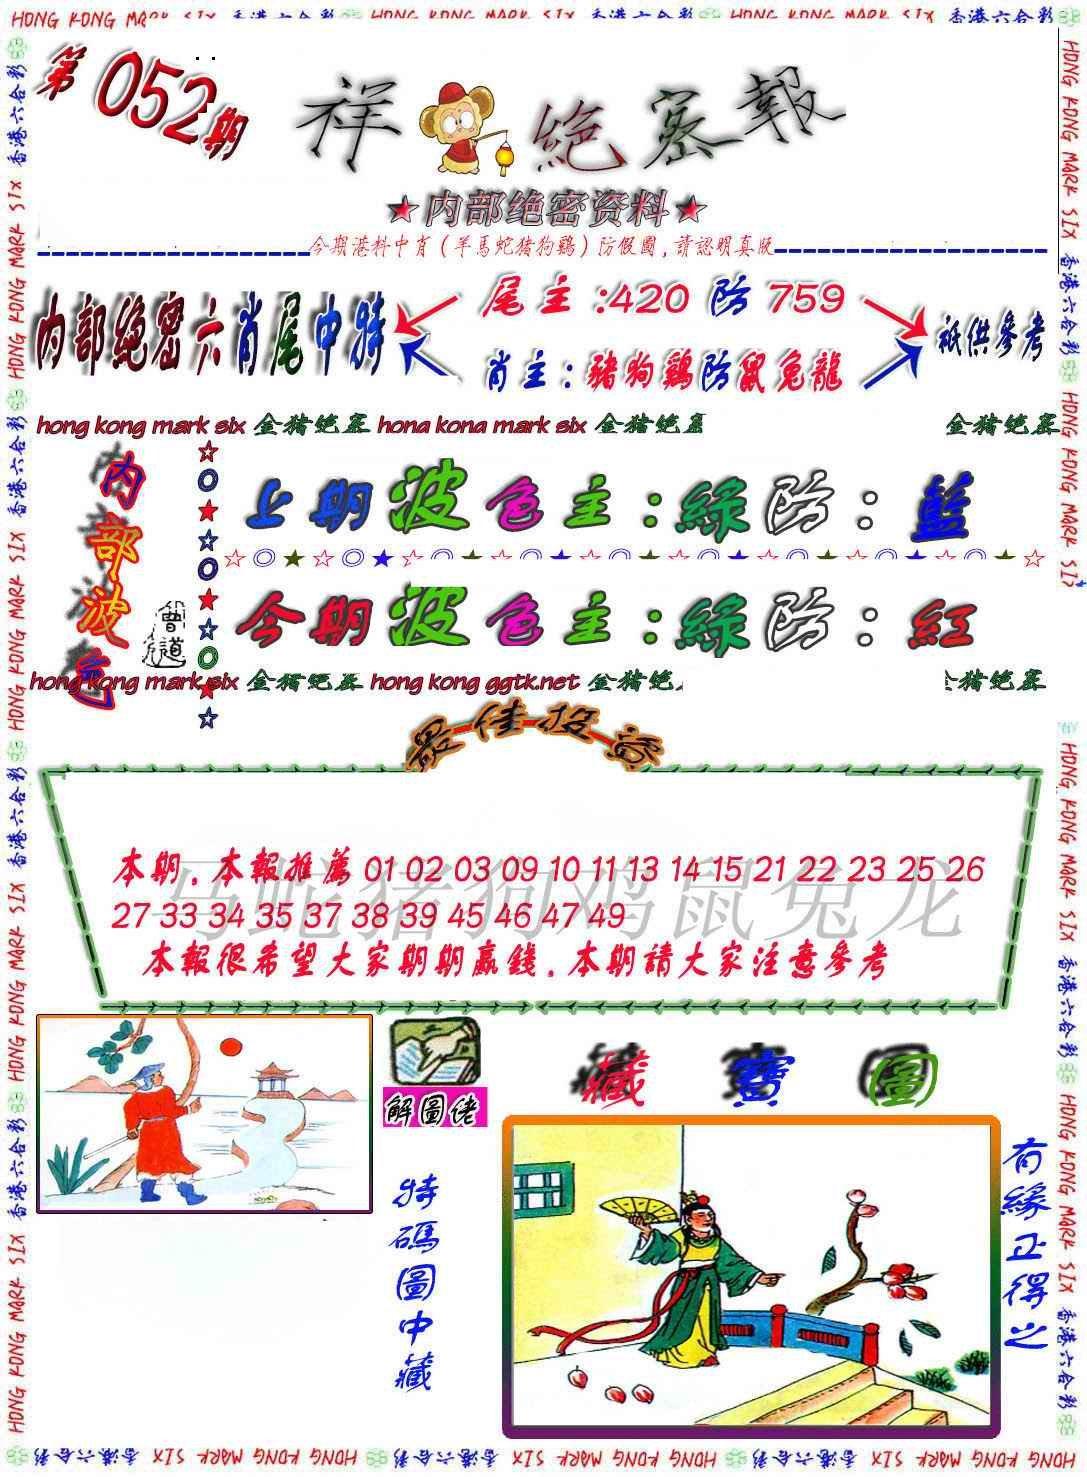 052期金鼠绝密图